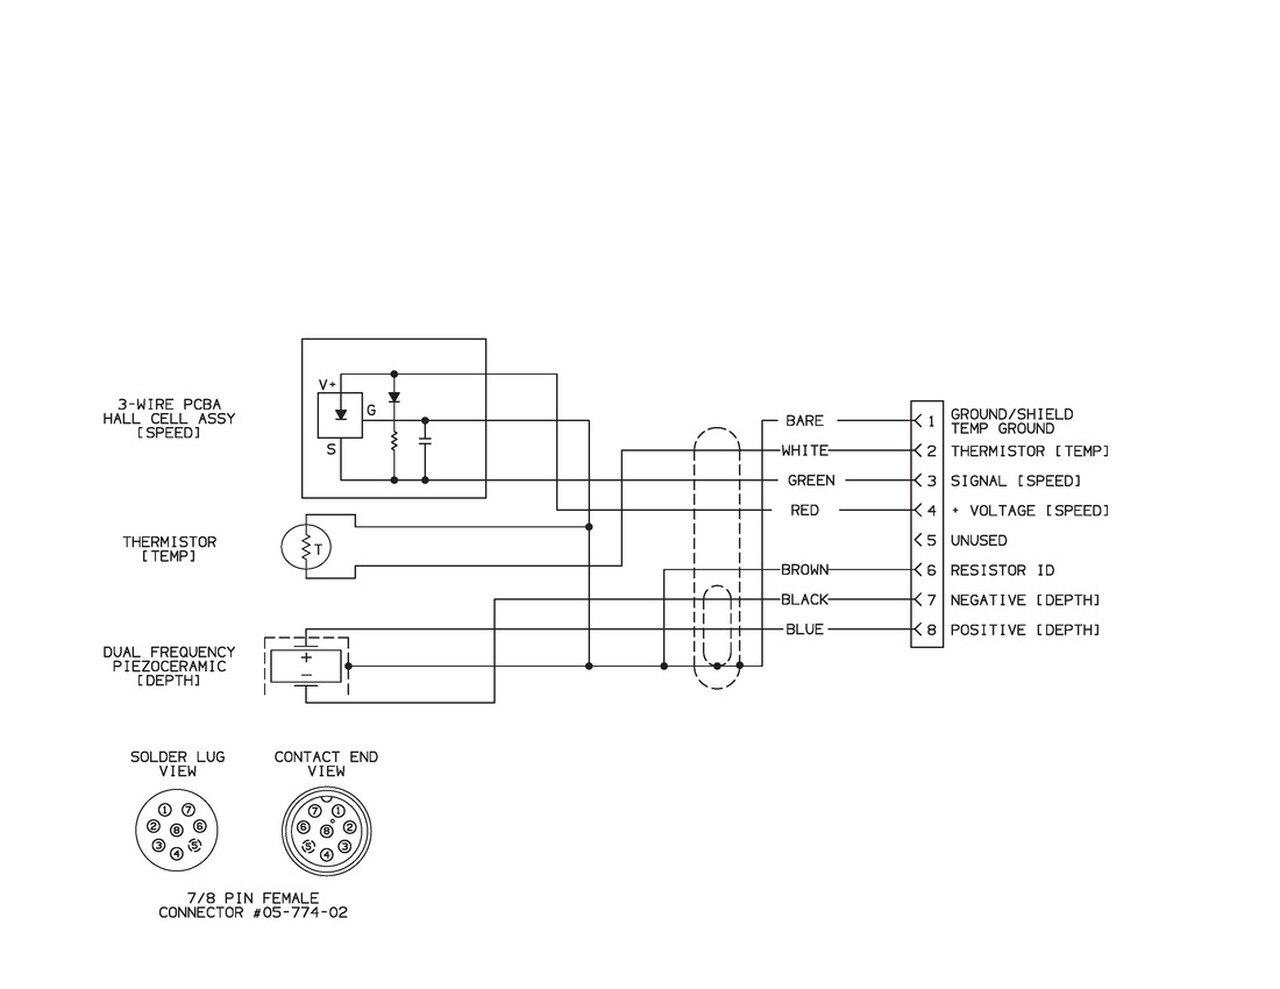 ev_5771] 07 nissan electrical wiring diagram ac rouge 07 nissan electrical wiring diagram ac rouge 2004 nissan murano ac relay kweca tran vira favo mohammedshrine librar wiring 101